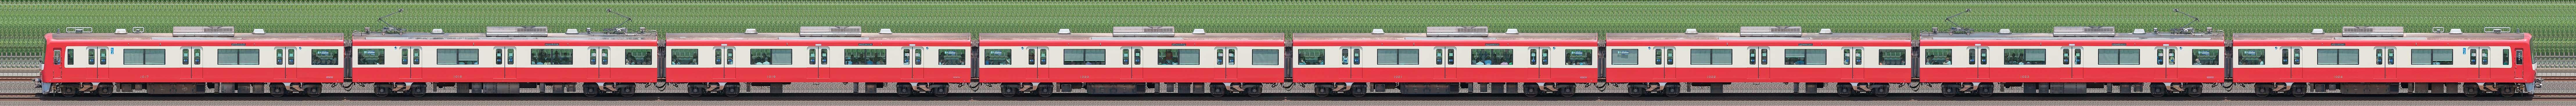 京急電鉄 新1000形(1次車)1017編成(海側)の編成サイドビュー